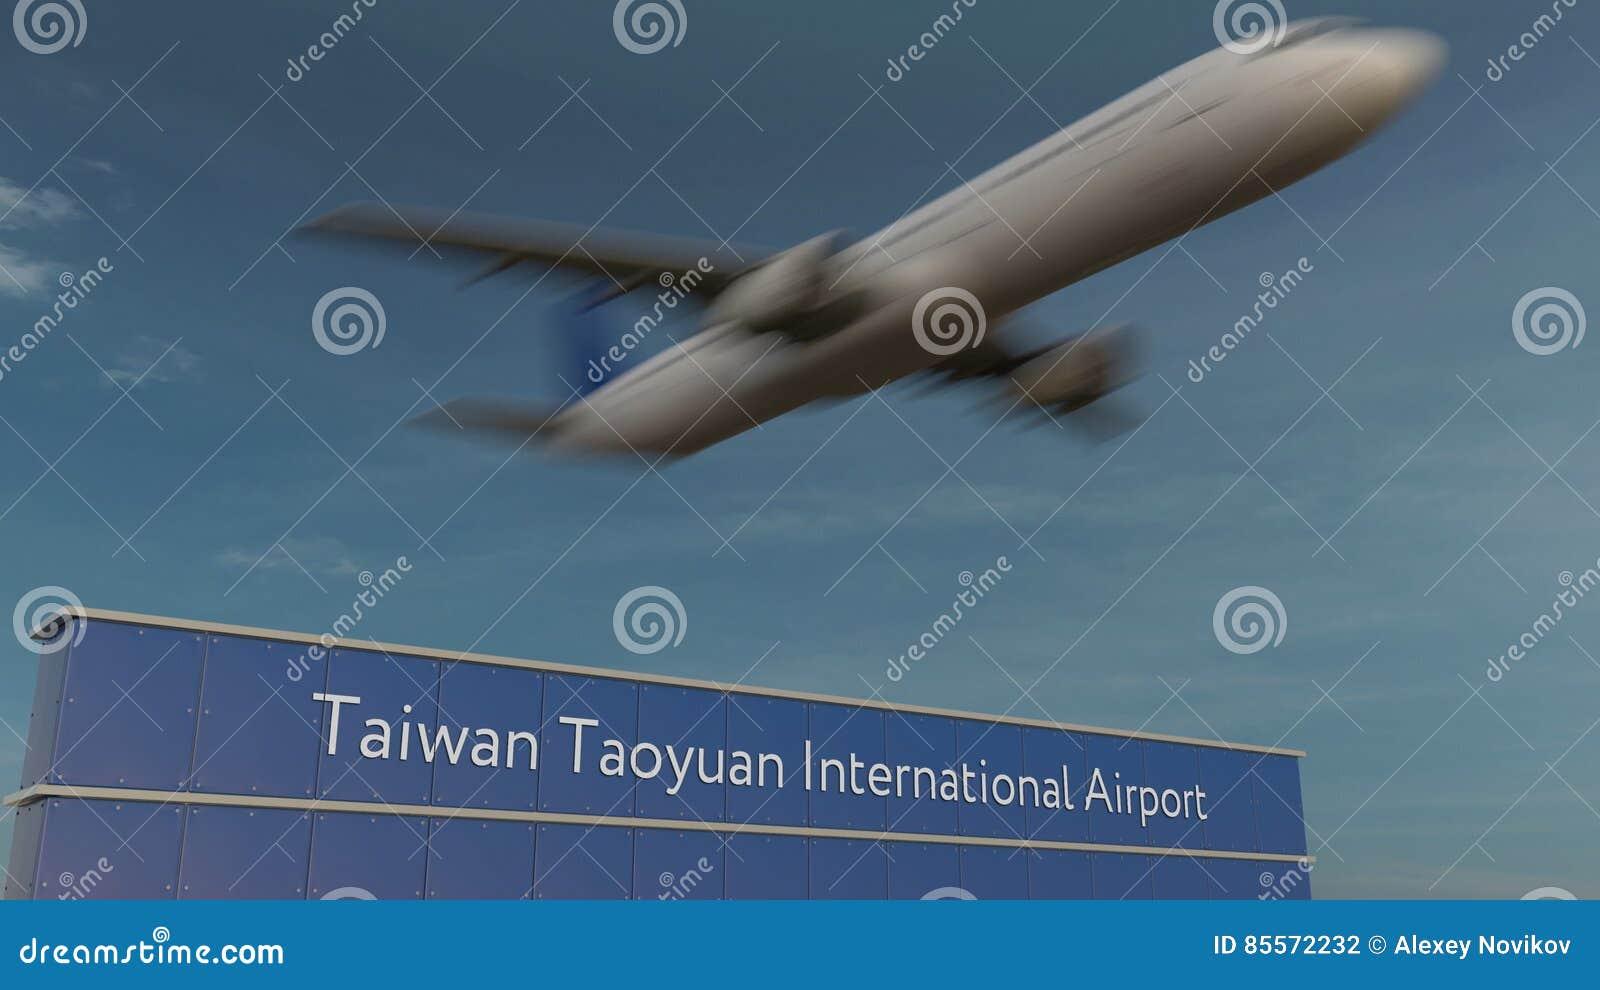 Handlowy samolot bierze daleko przy Tajwańskiego Taoyuan lotniska międzynarodowego Redakcyjnym 3D renderingiem